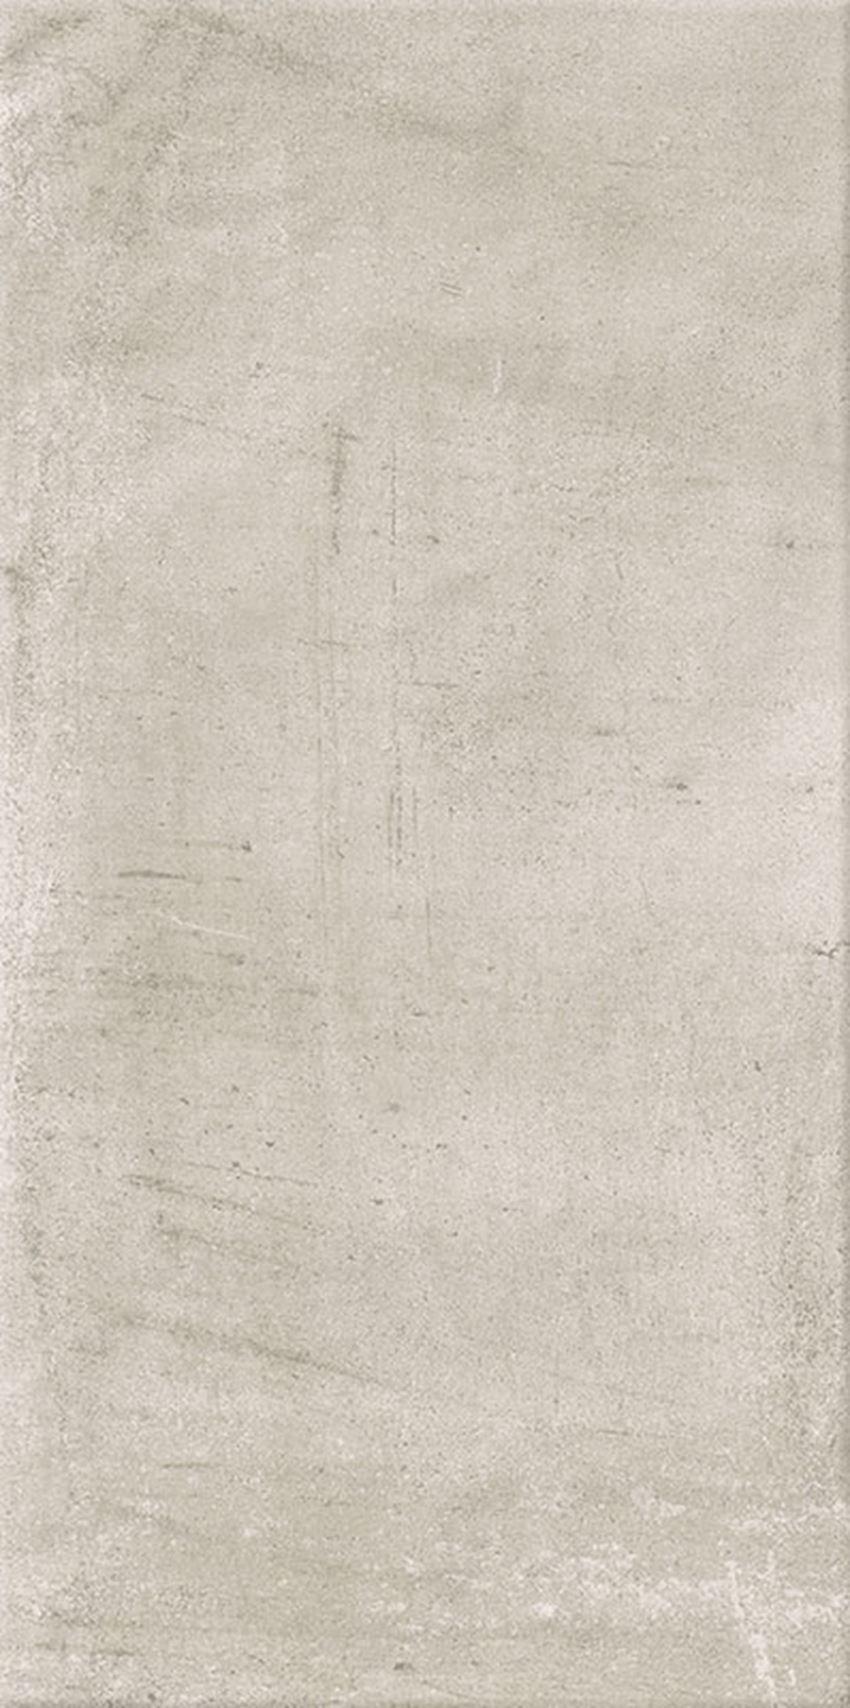 Płytka ścienno-podłogowa 29,8x59,8 cm Paradyż Hybrid Stone Bianco Gres Szkl. Rekt. Struktura